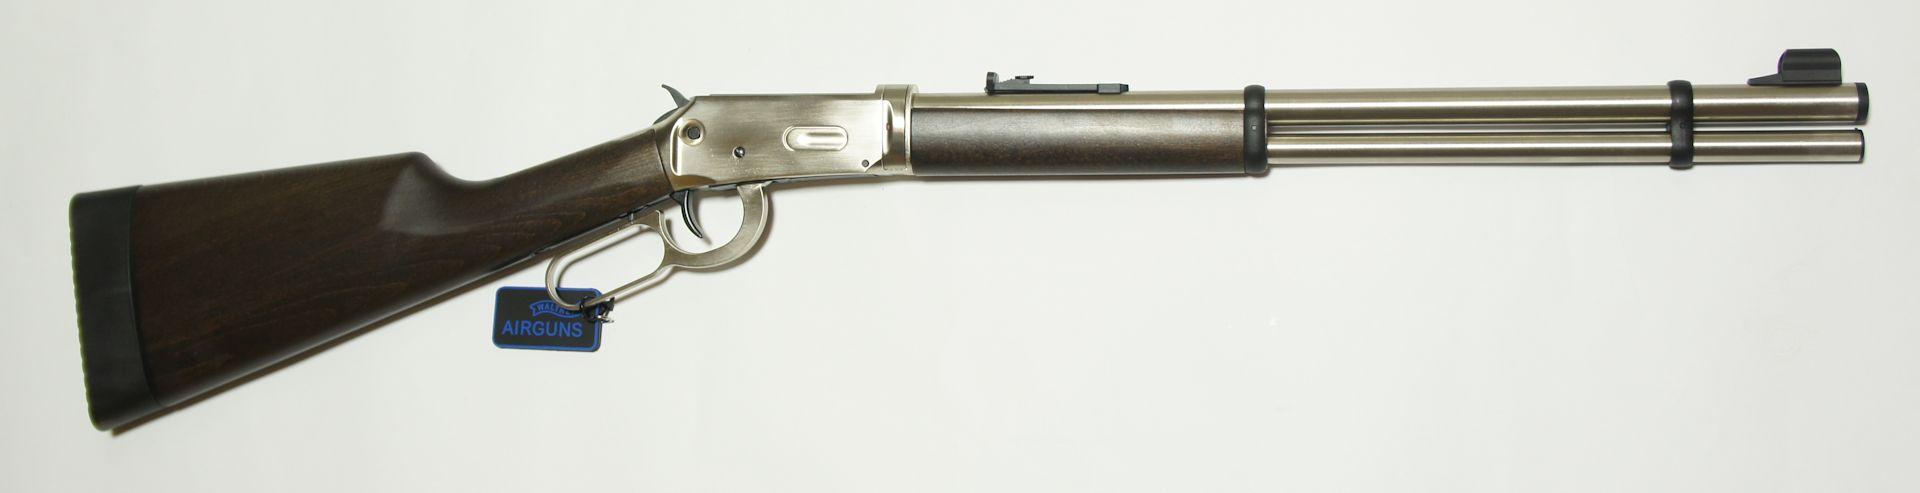 CO2 Winchester, Walther Lever Action, steel finish von der rechten Seite